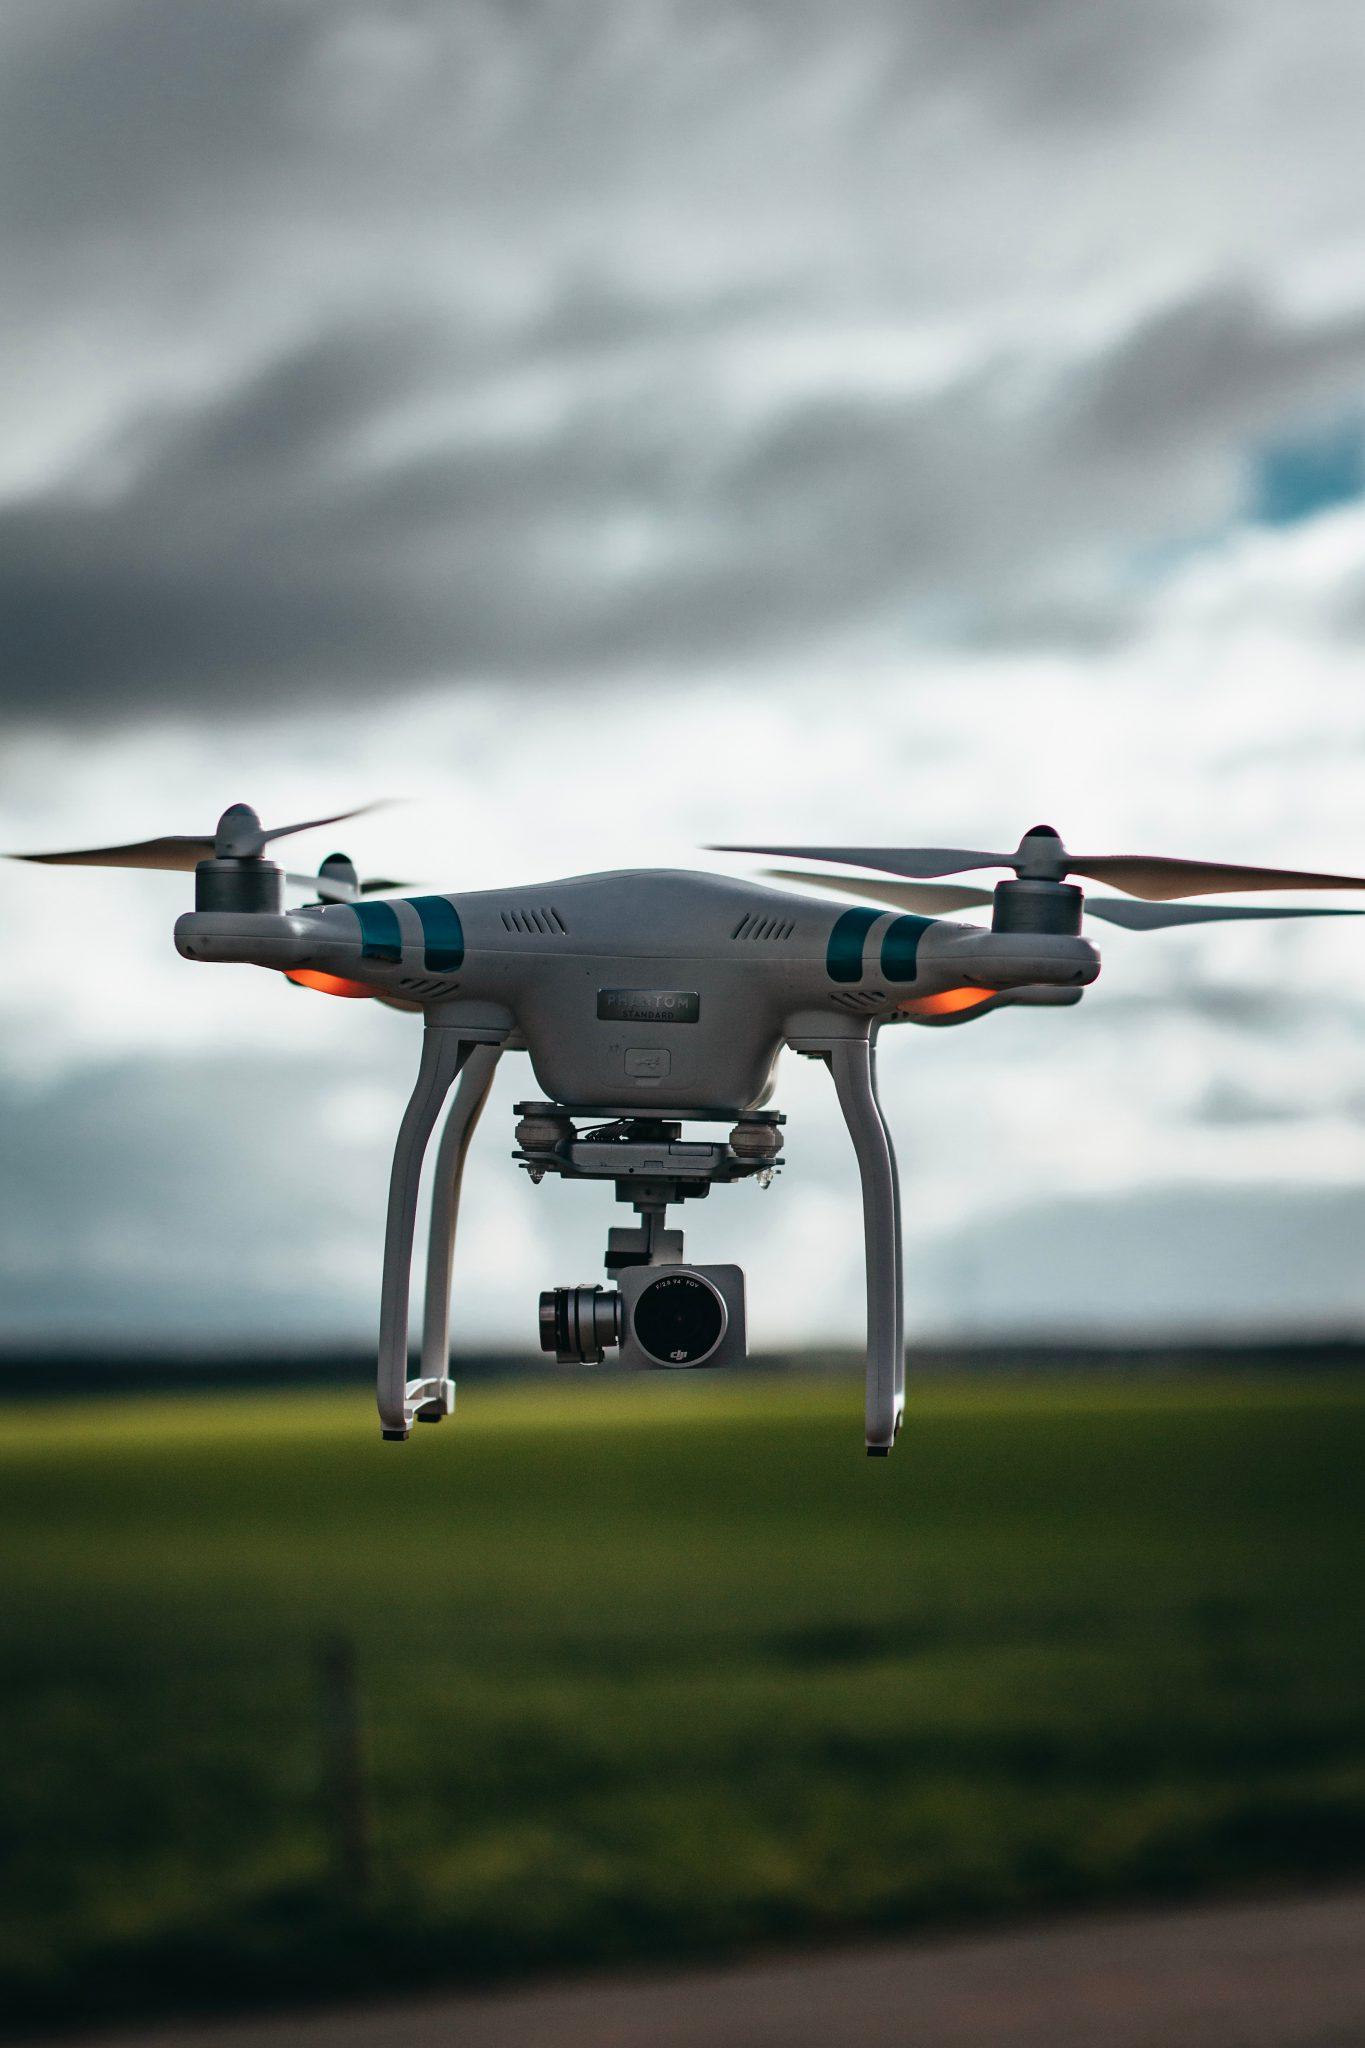 camera-drone-flight-2100075